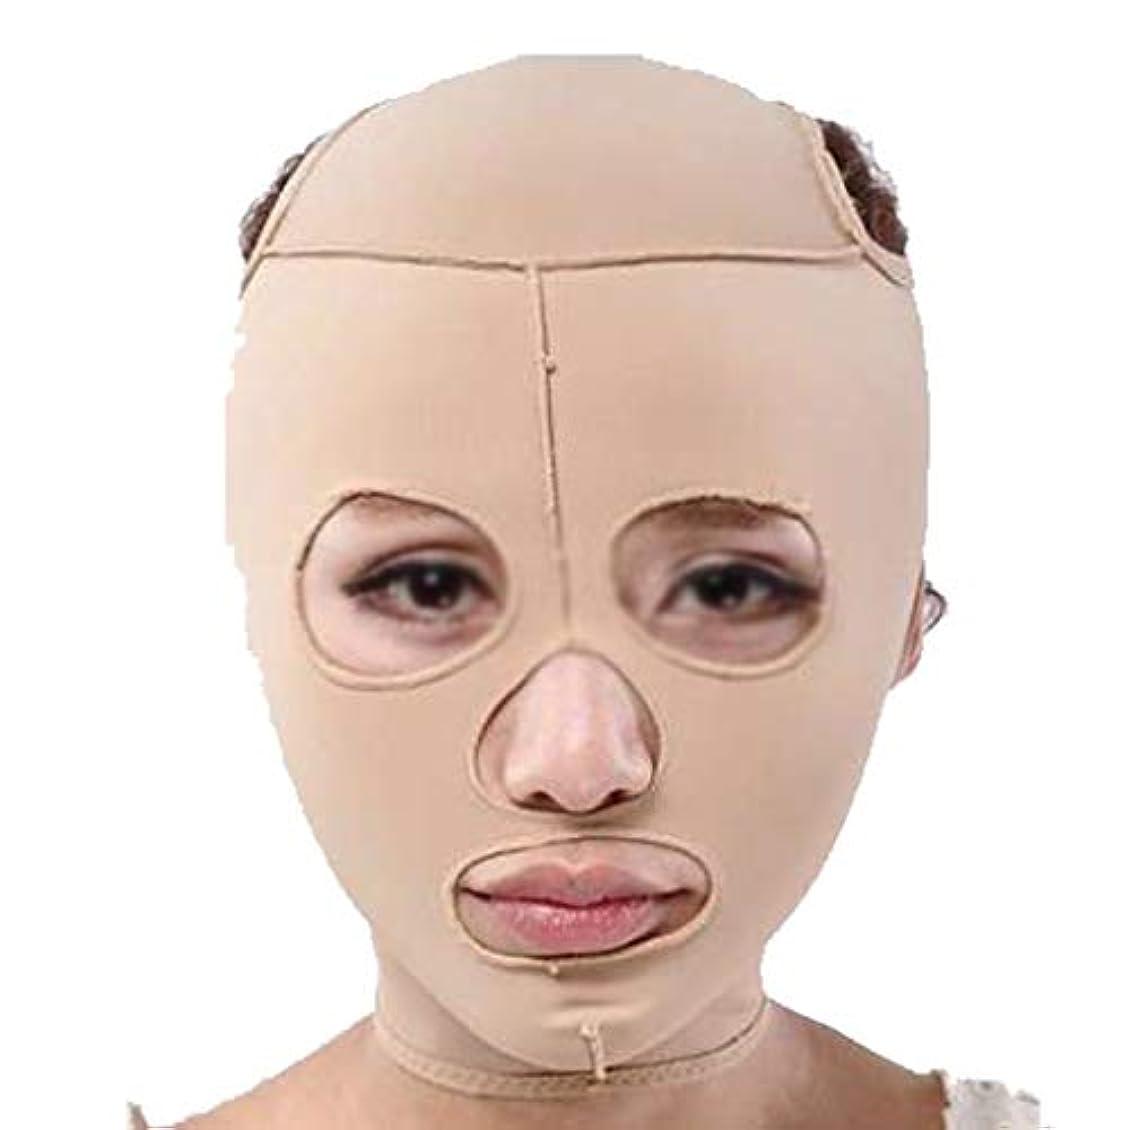 ヒロイン流産年齢ZWBD フェイスマスク, フェイスコレクター男性と女性のフェイスリフティングマスクマスクバンデージリフティングスモールVフェイスリフティング引き締めダブルチン